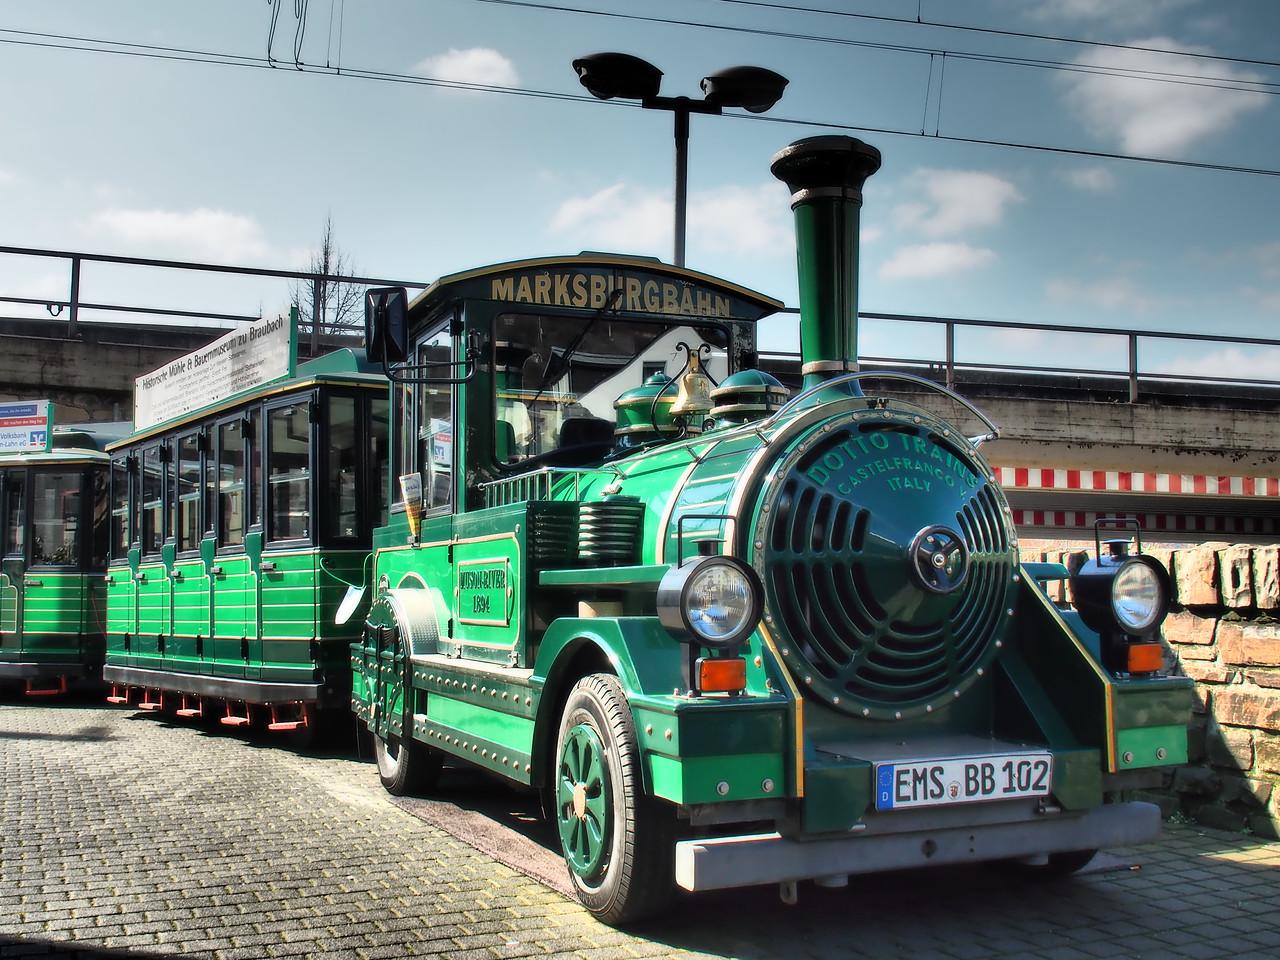 Marksburg Train